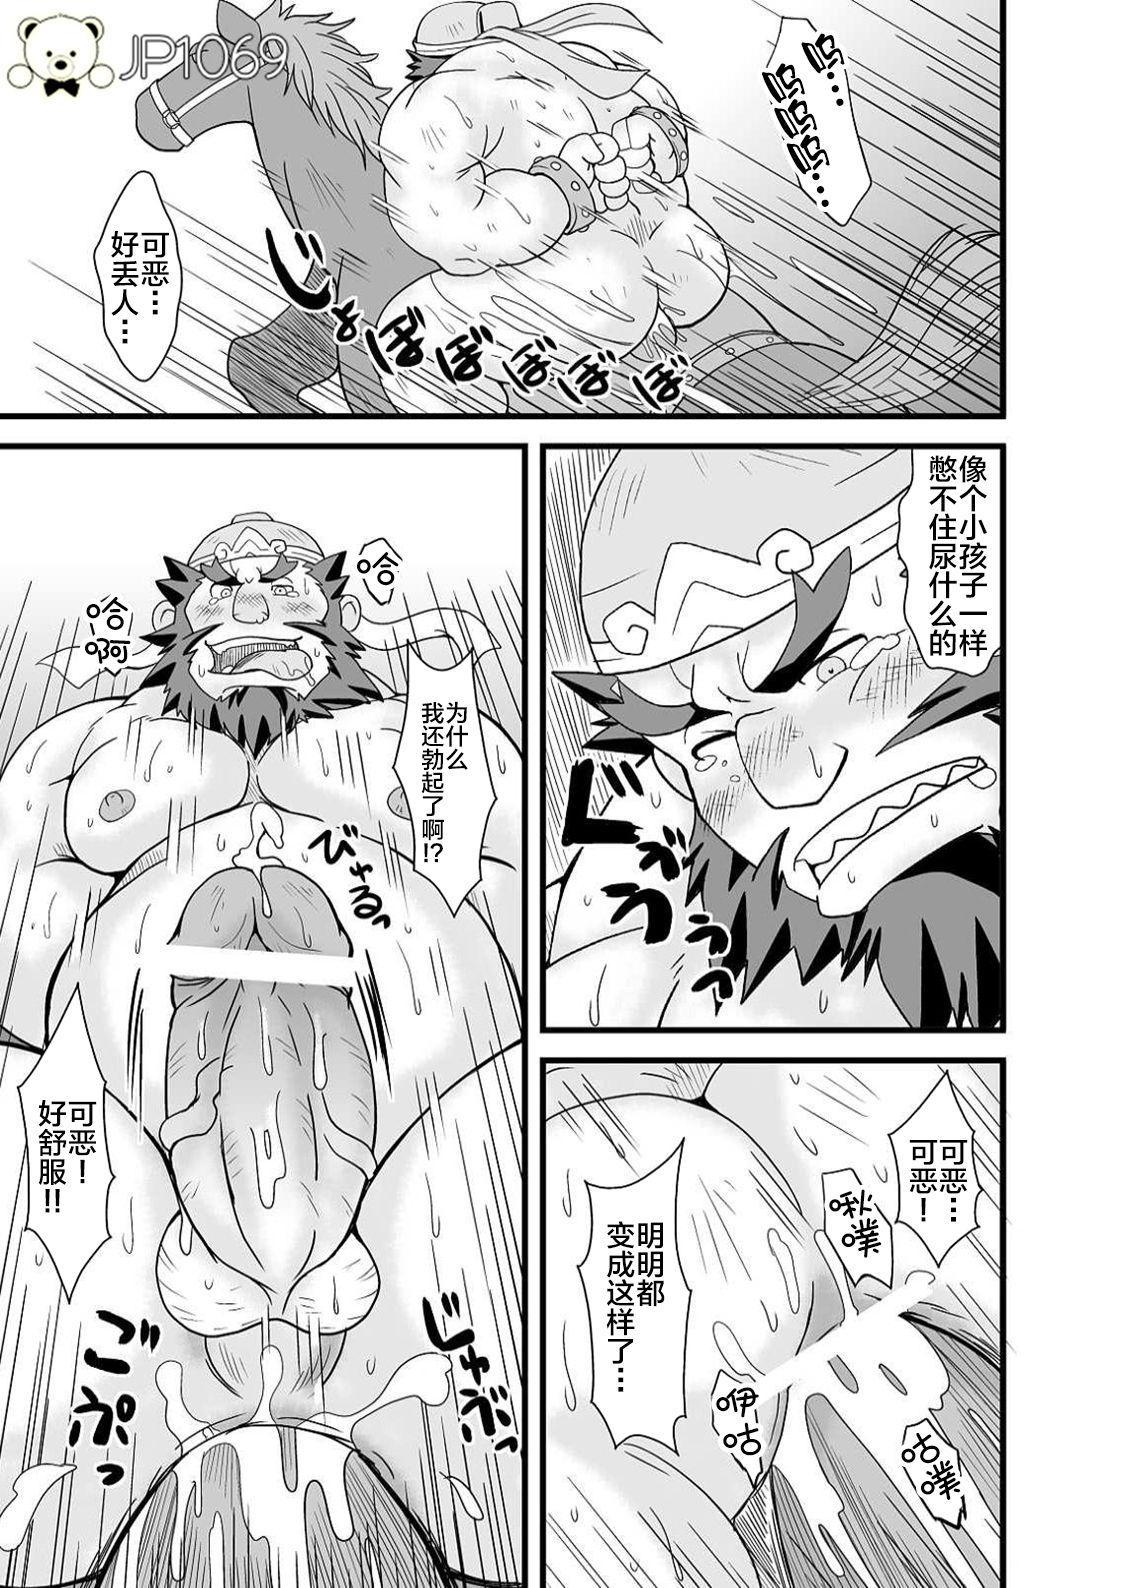 Chouhi! Kikiippatsu! 10